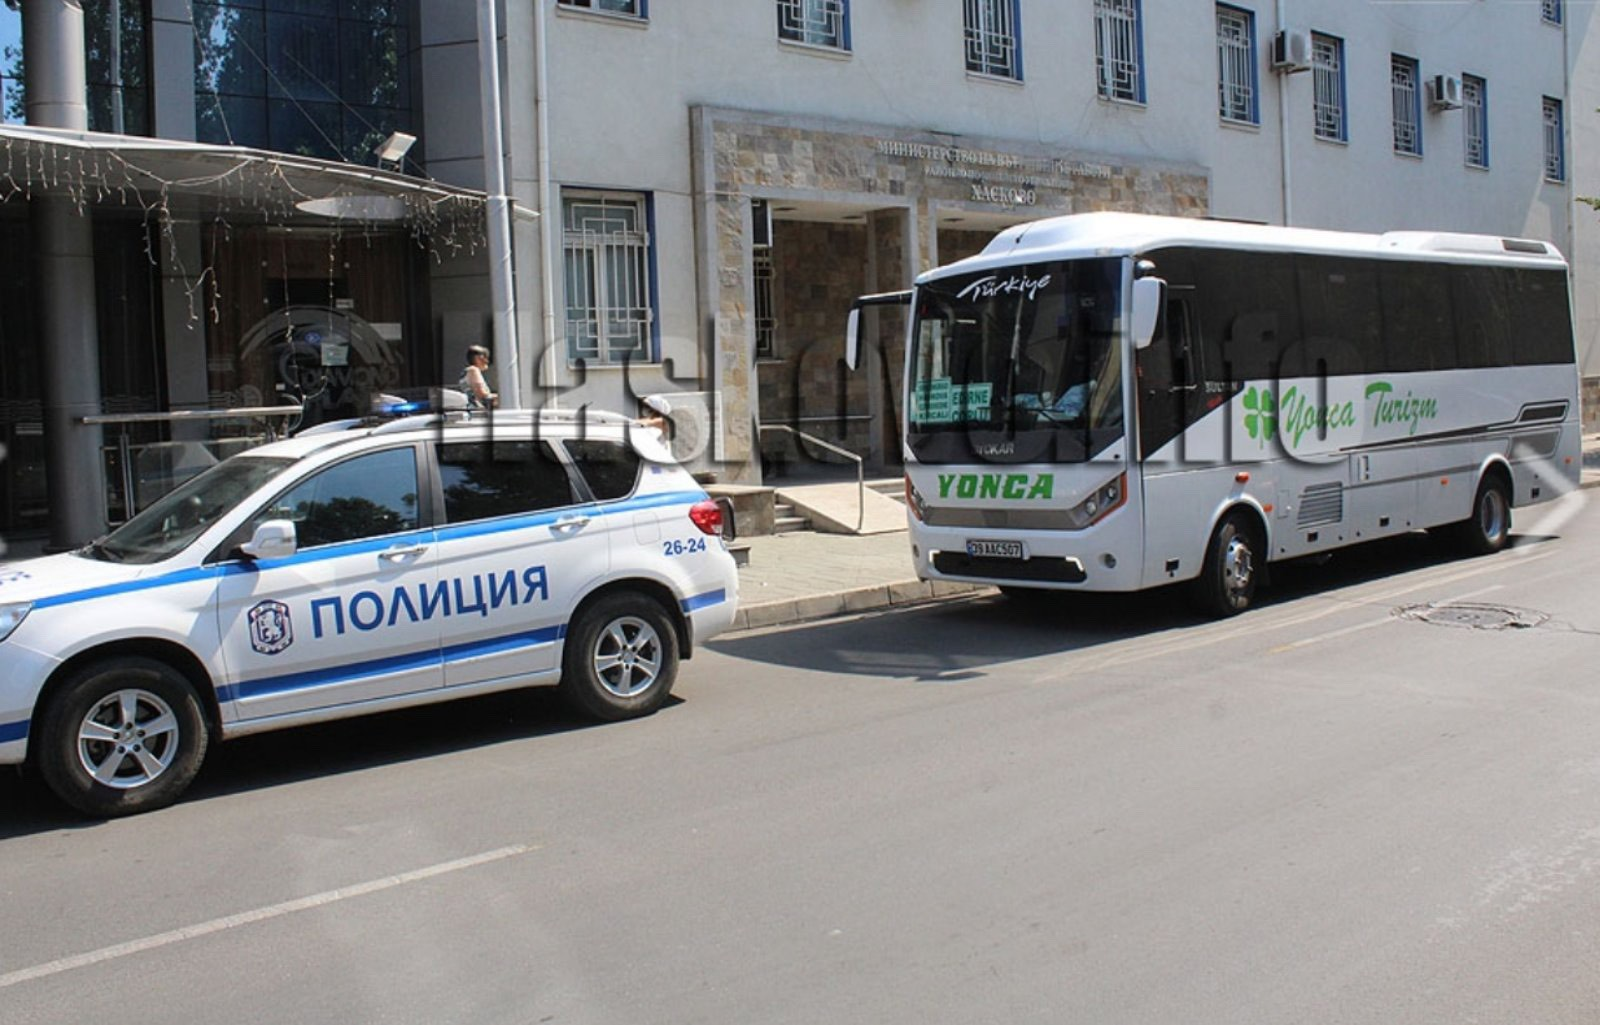 Акция срещу контрабандата! Задържаха автобус с кърджалийски изселници